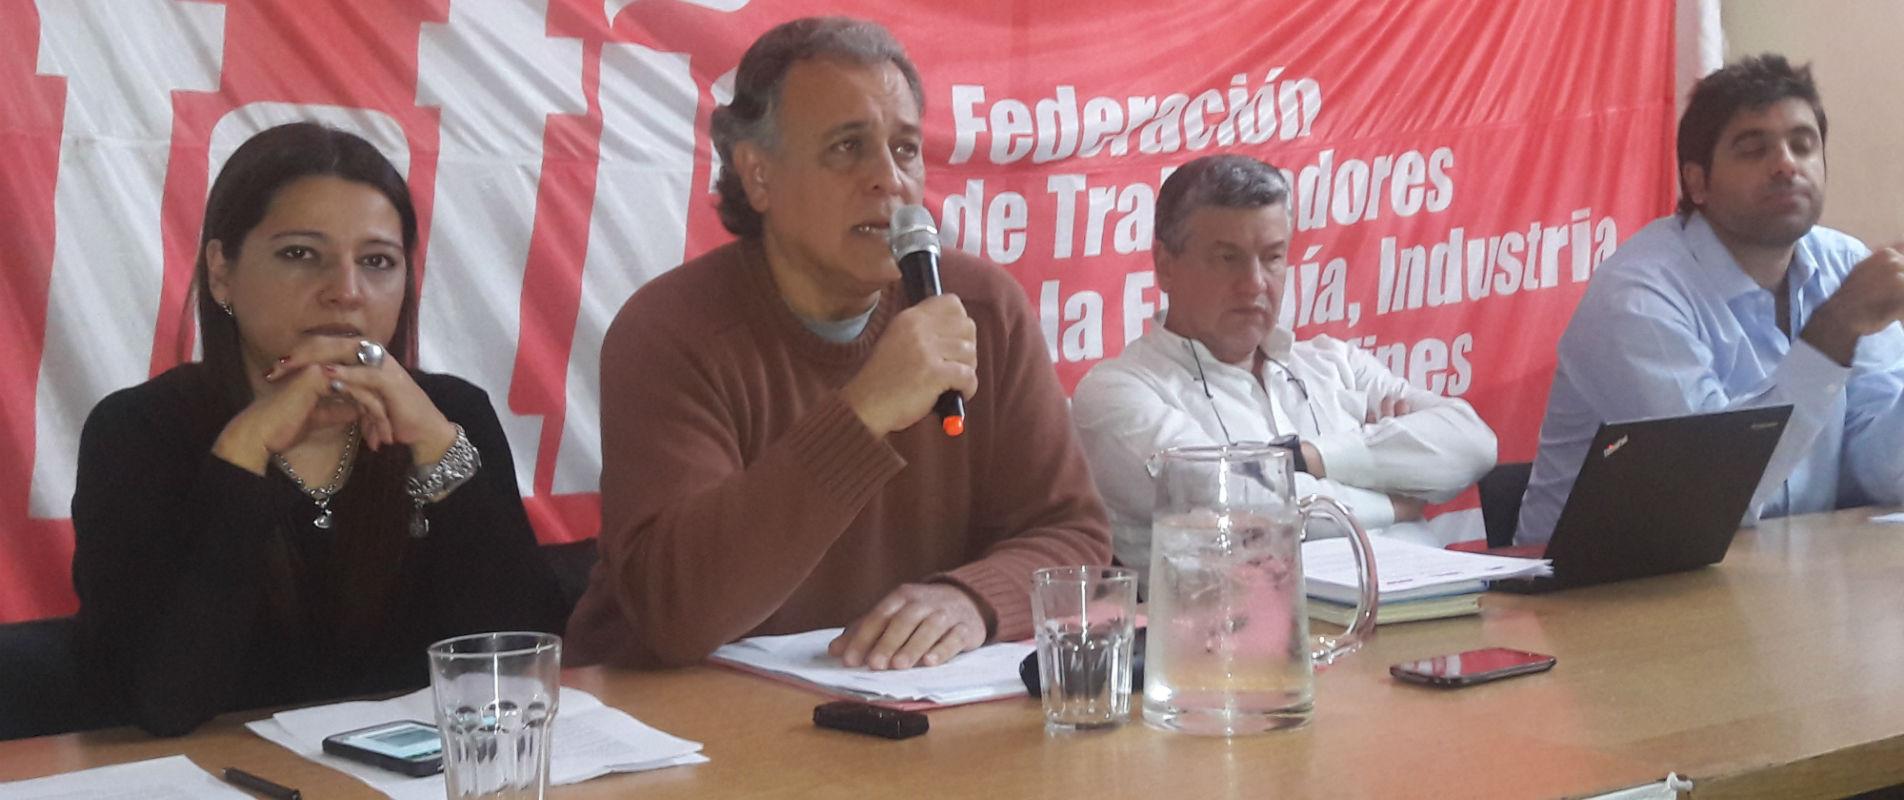 De izquierda a derecha, Dra. Sandra Fojo, Dr. León Piasek, Pedro Wasiejko y Luciano Dorio